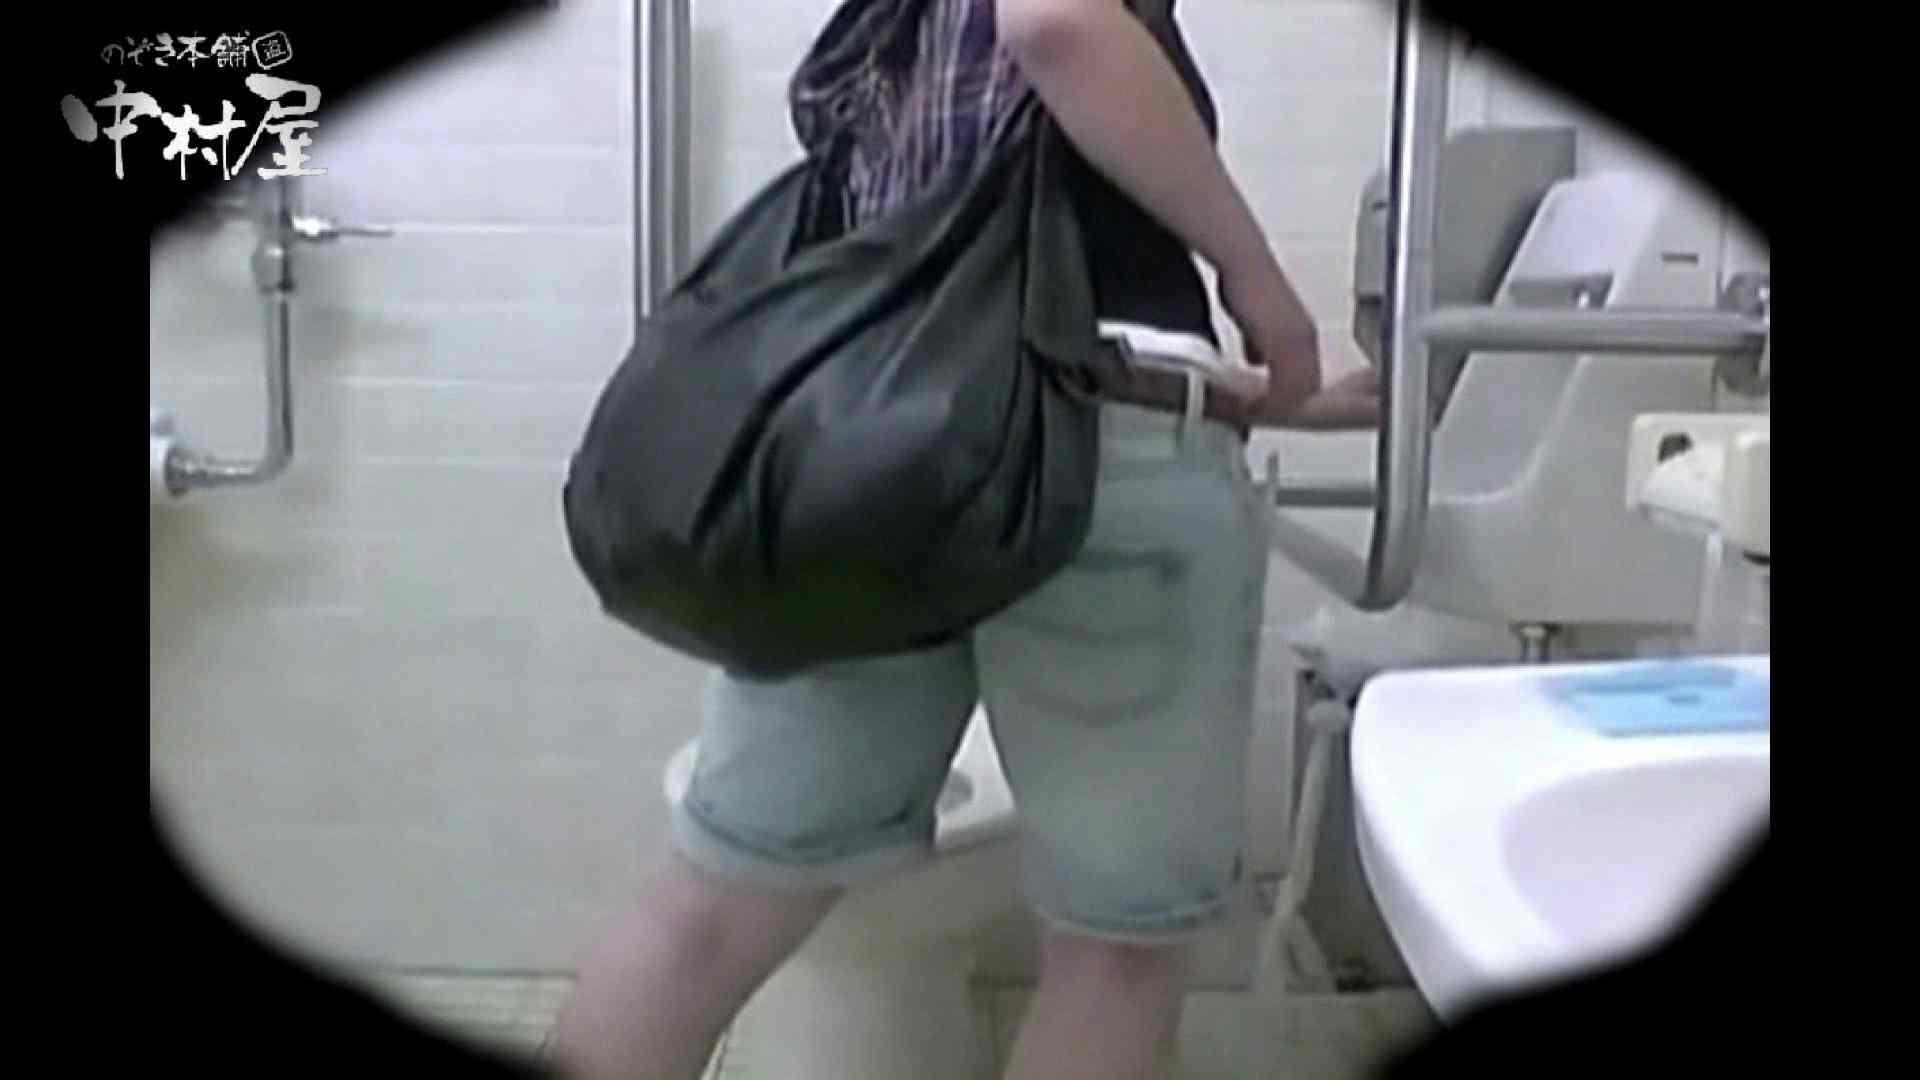 teen galトイレ覗き紙がナイ編‼vol.08 トイレ セックス画像 93PIX 62